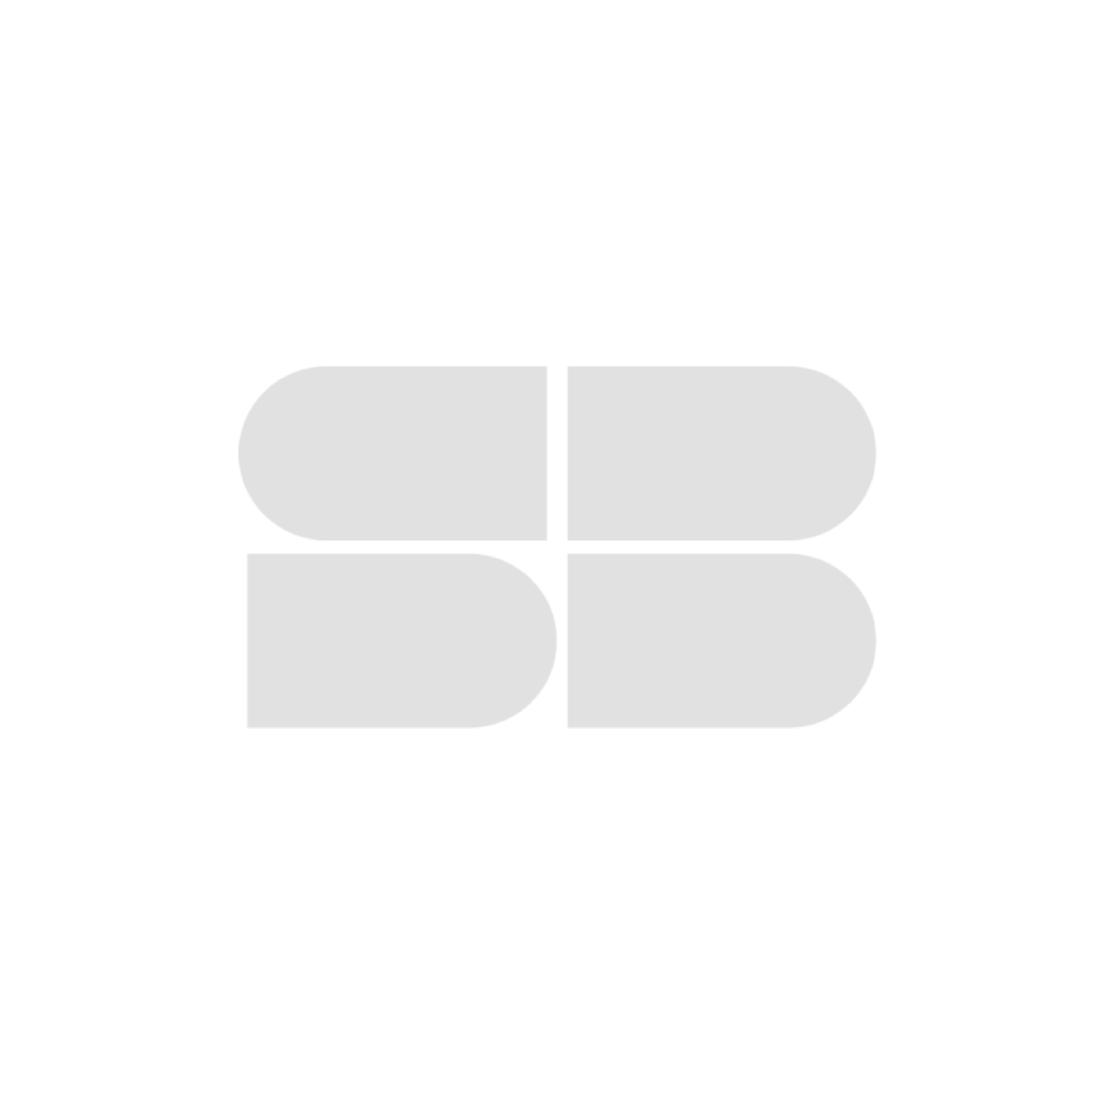 39013180-mattress-bedding-mattresses-foam-mattresses-31